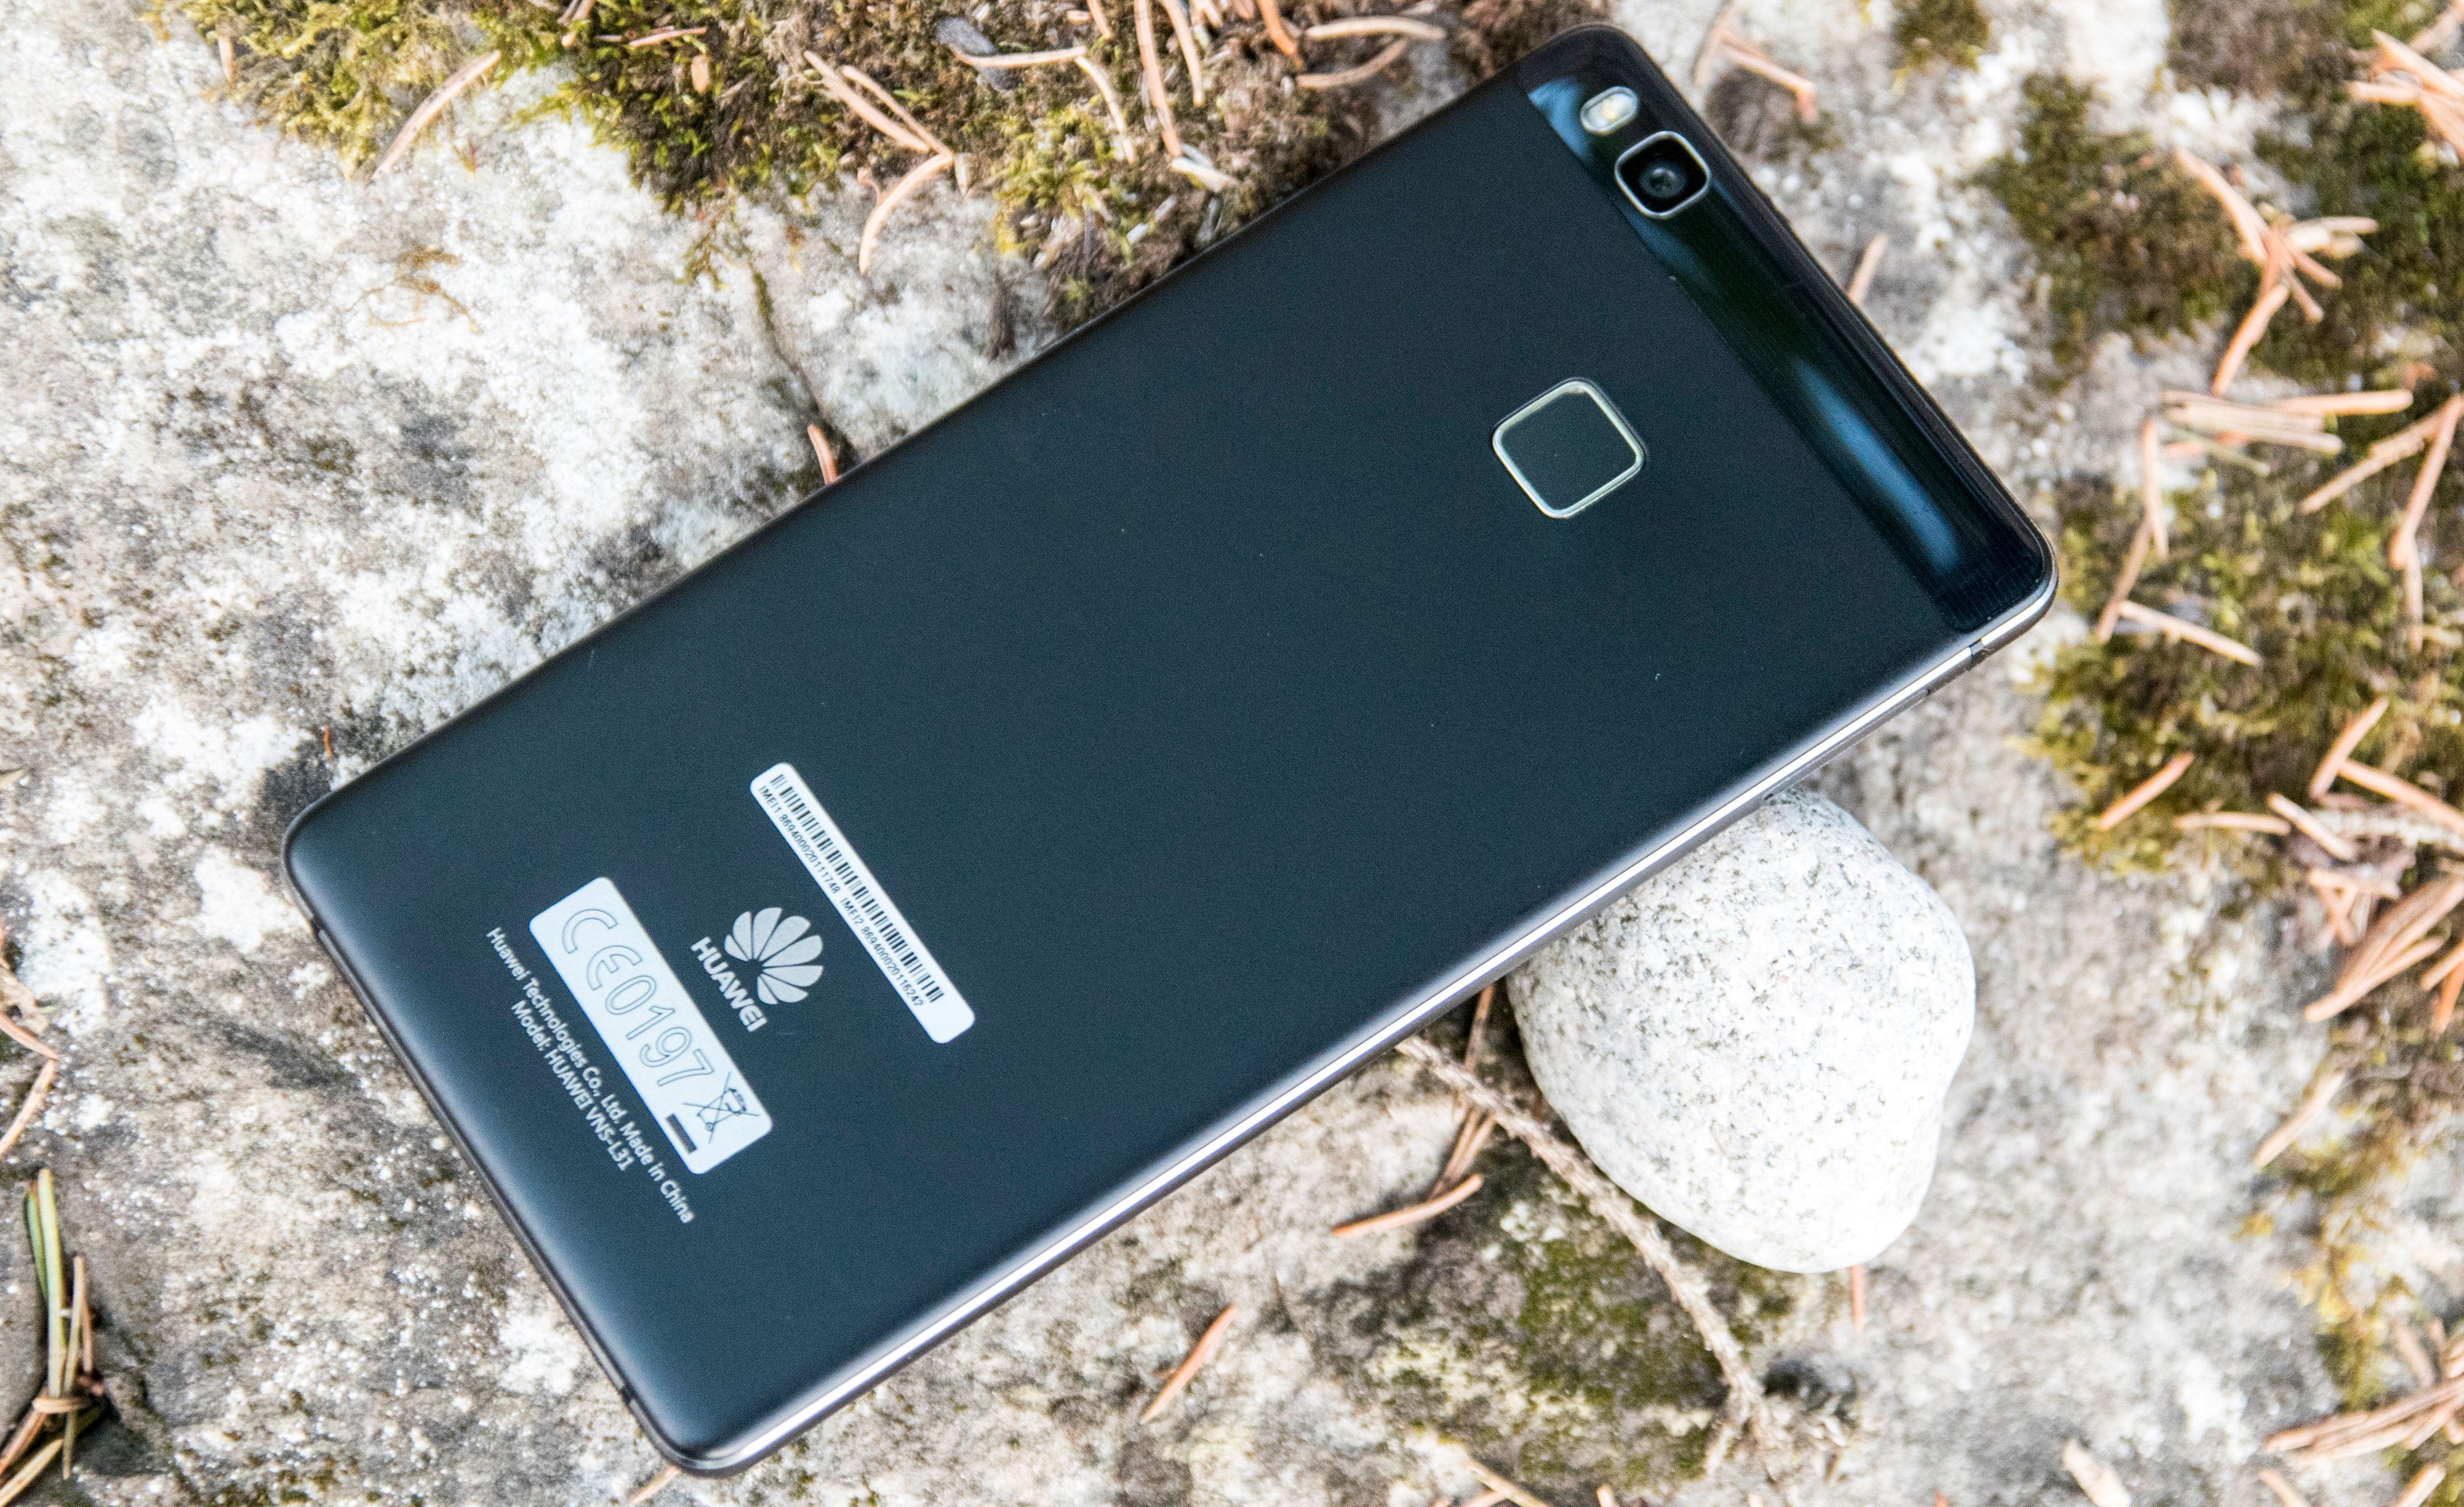 P9 Lite er telefonen i serien som kanskje ser mest anonym ut. Du får telefoner i samme prisklasse med mer påkostede materialer, men da må som regel noe annet vike.